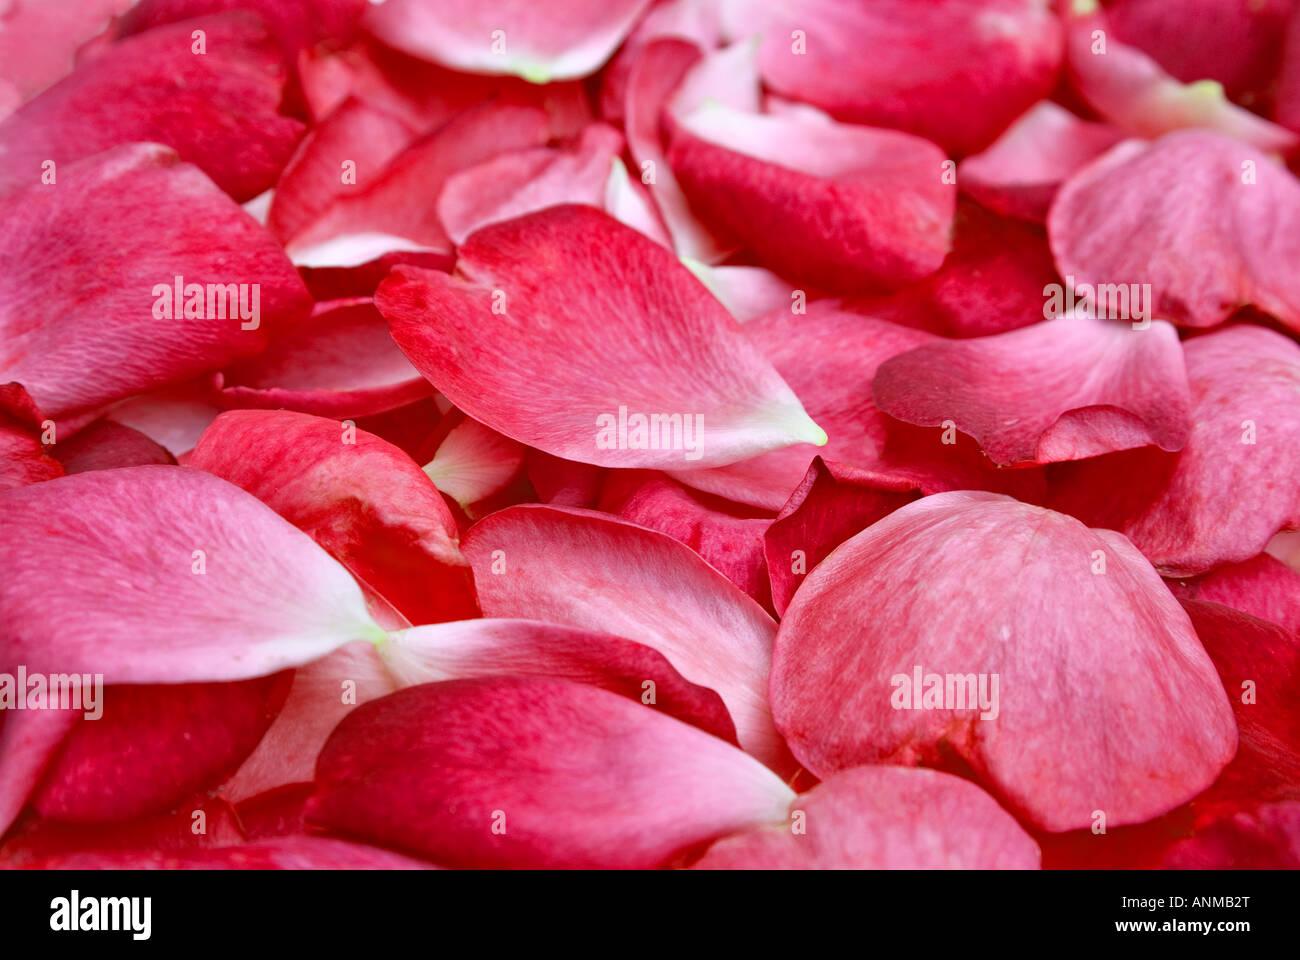 Belle lumière rose pétale rouge image en arrière-plan Photo Stock